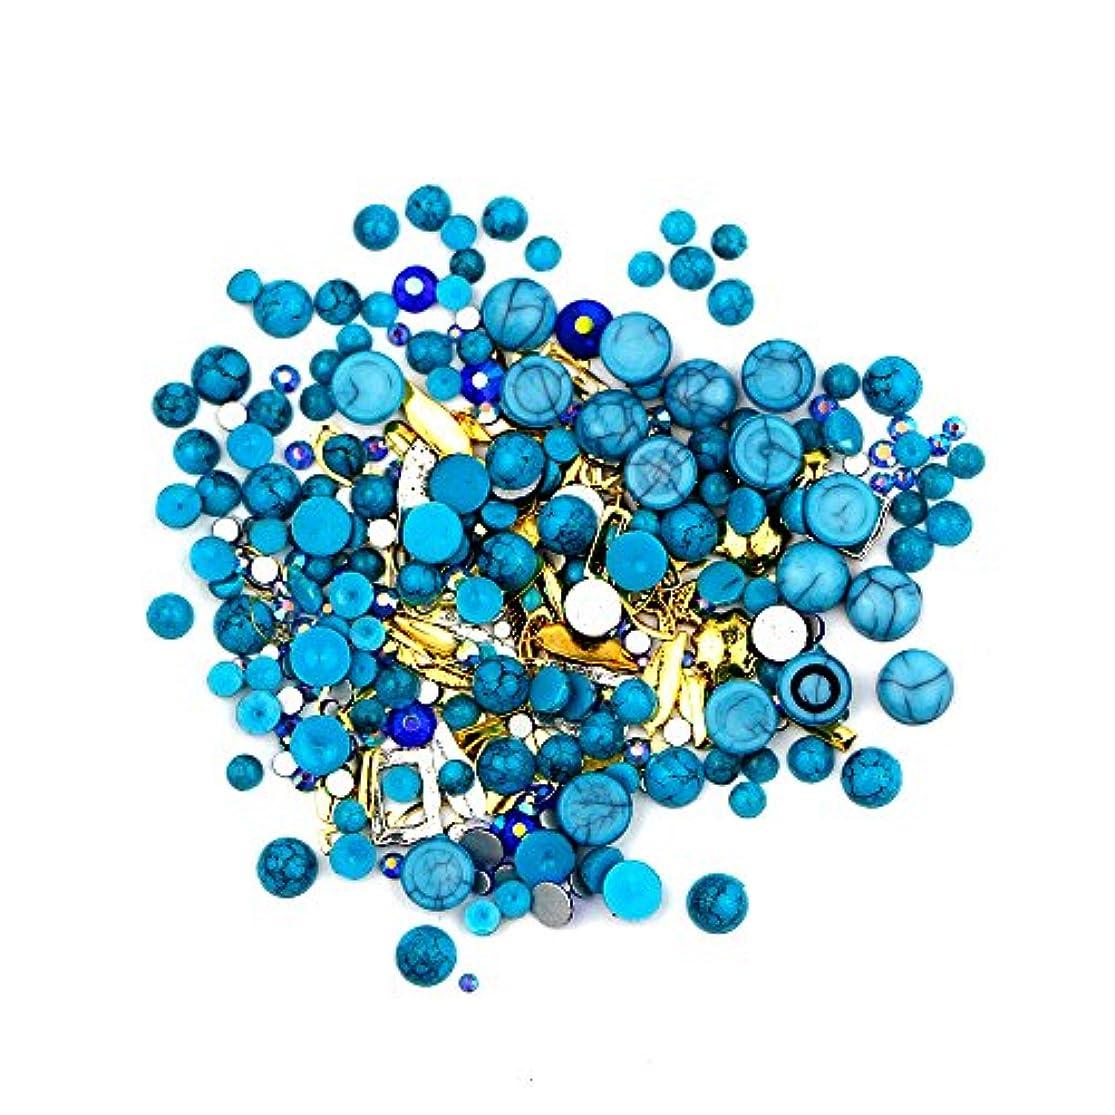 眩惑する批判的ミシンネイルアート カラフルネイルパール ネイルセット ネイル3Dデコレーション ネイル用ストーン 多種類